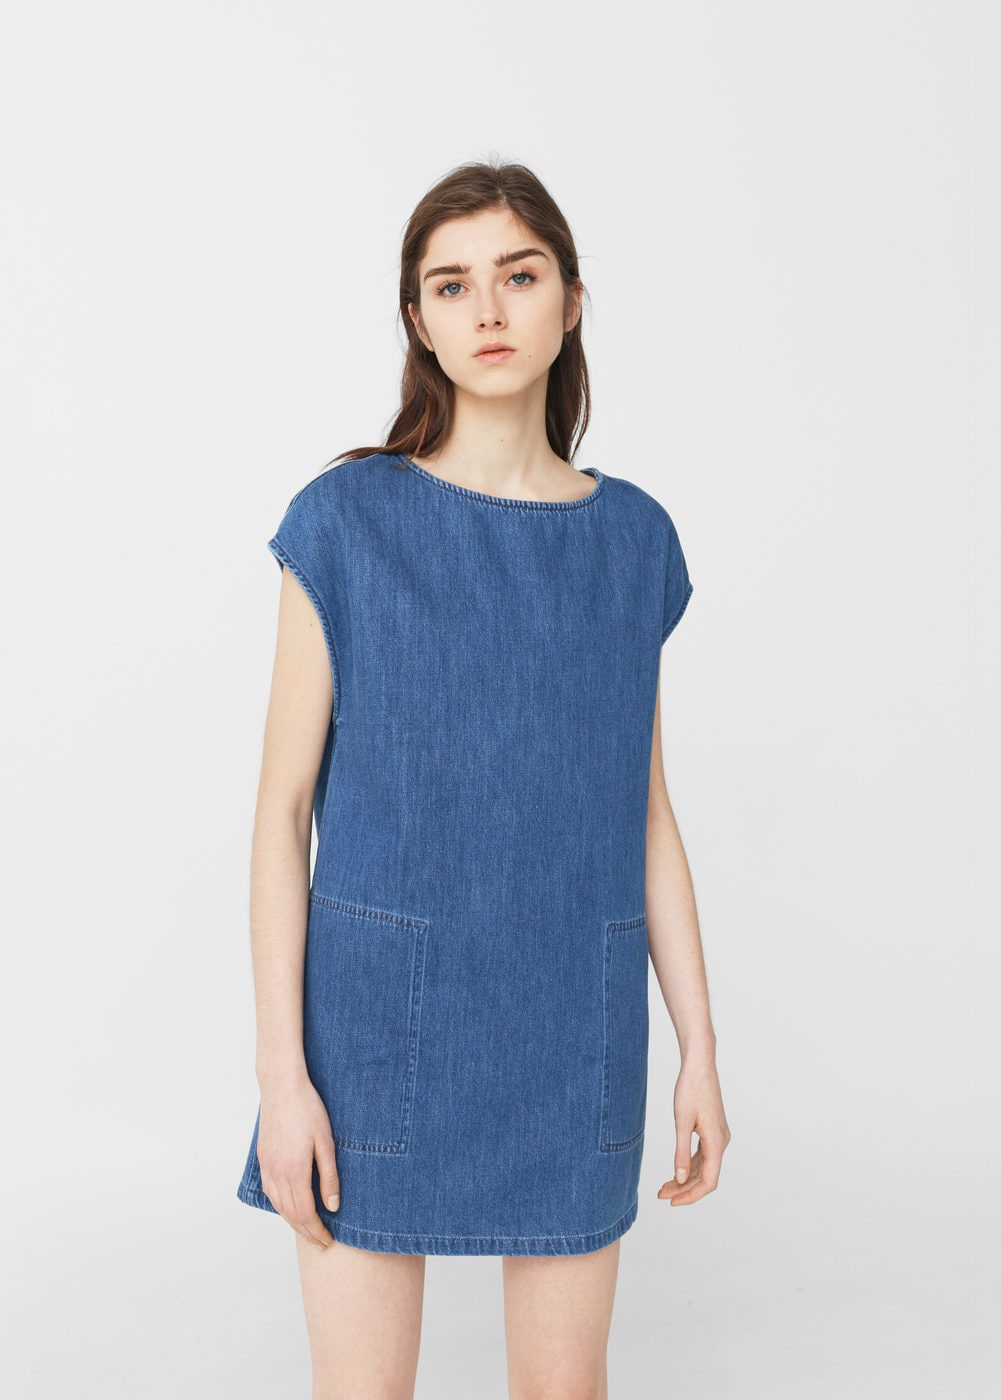 Дънкова рокля Mango; от 69,99лв на 29,99лв